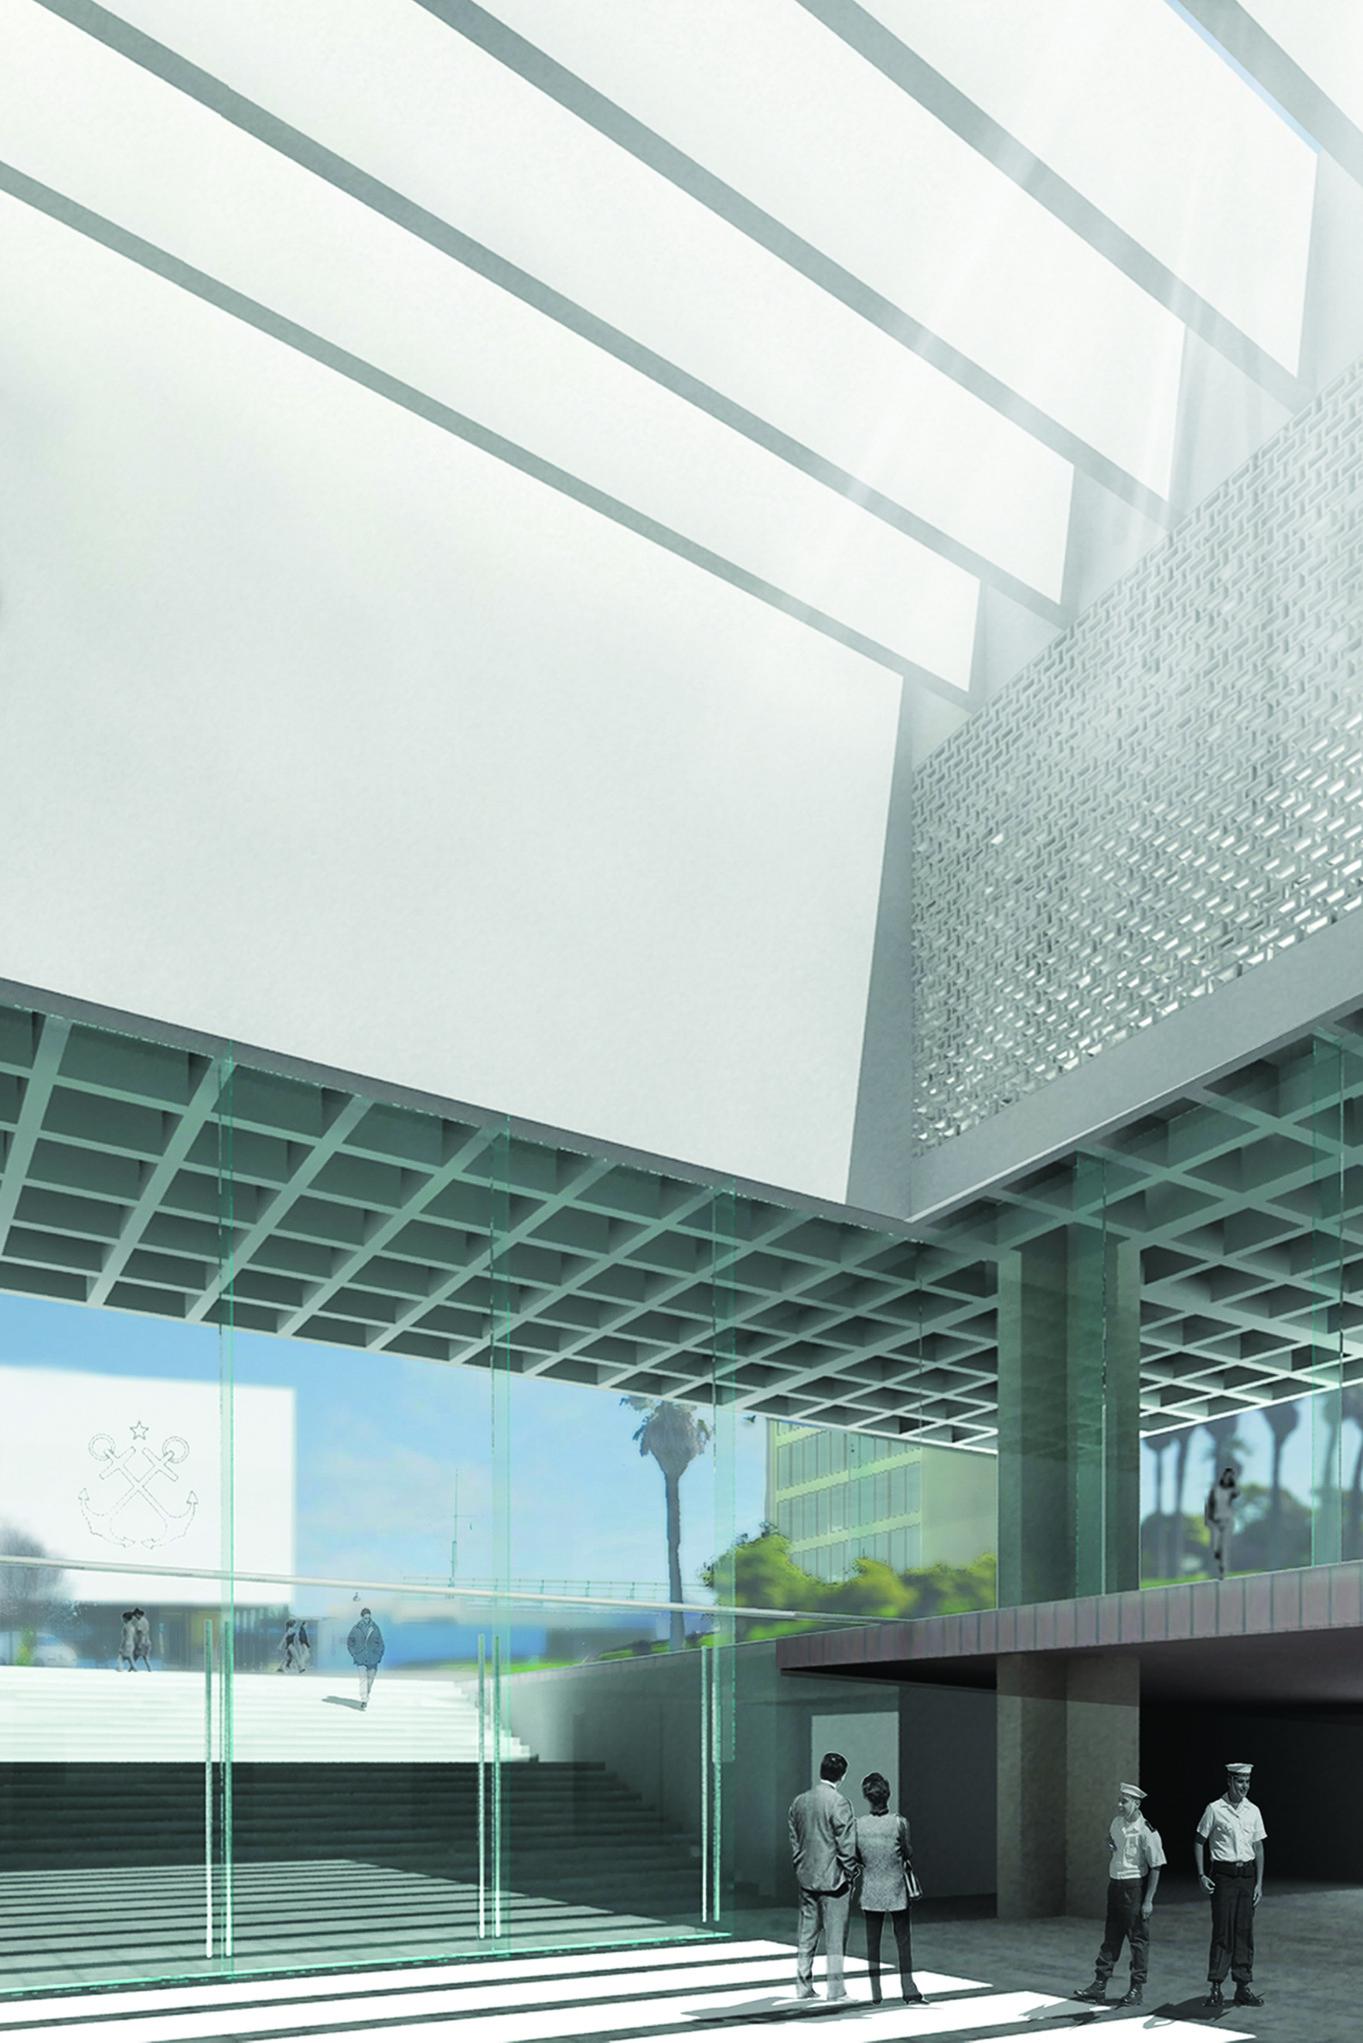 Cortesia de RS arquitectos, ADG arquitectos y A+ arquitectos